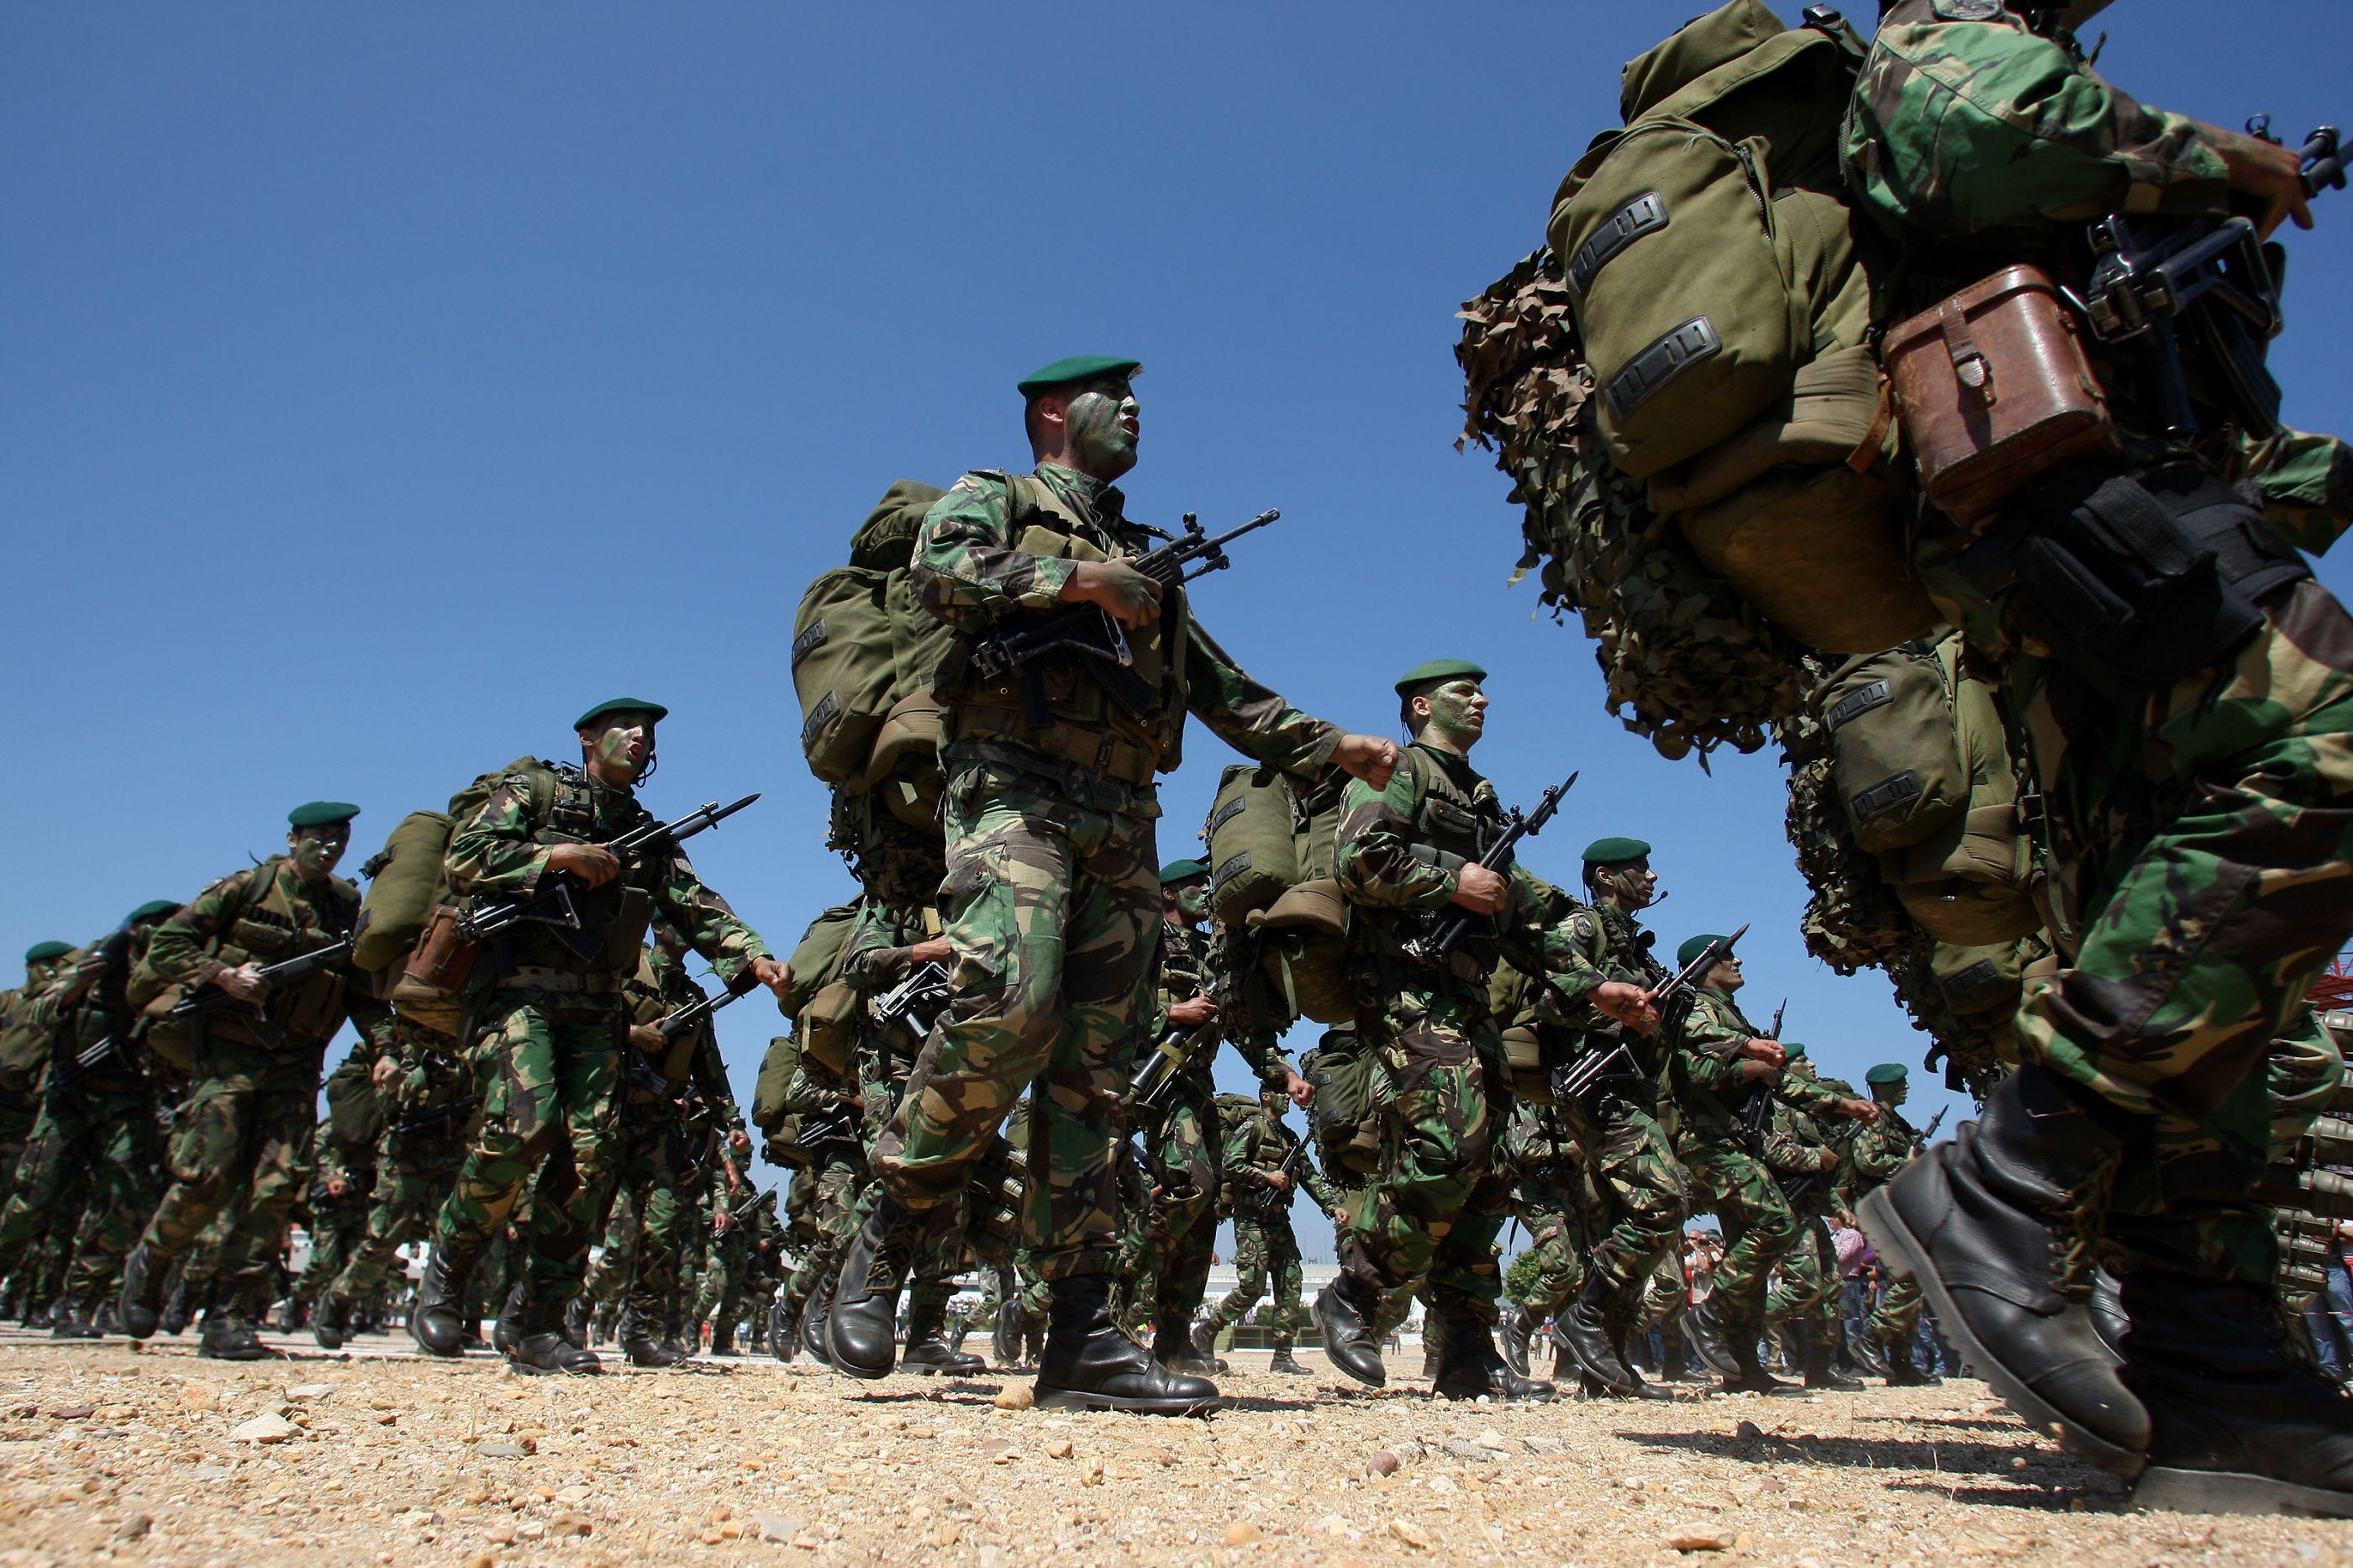 Assalto de Tancos é notícia em Espanha por alegada ligação à ETA